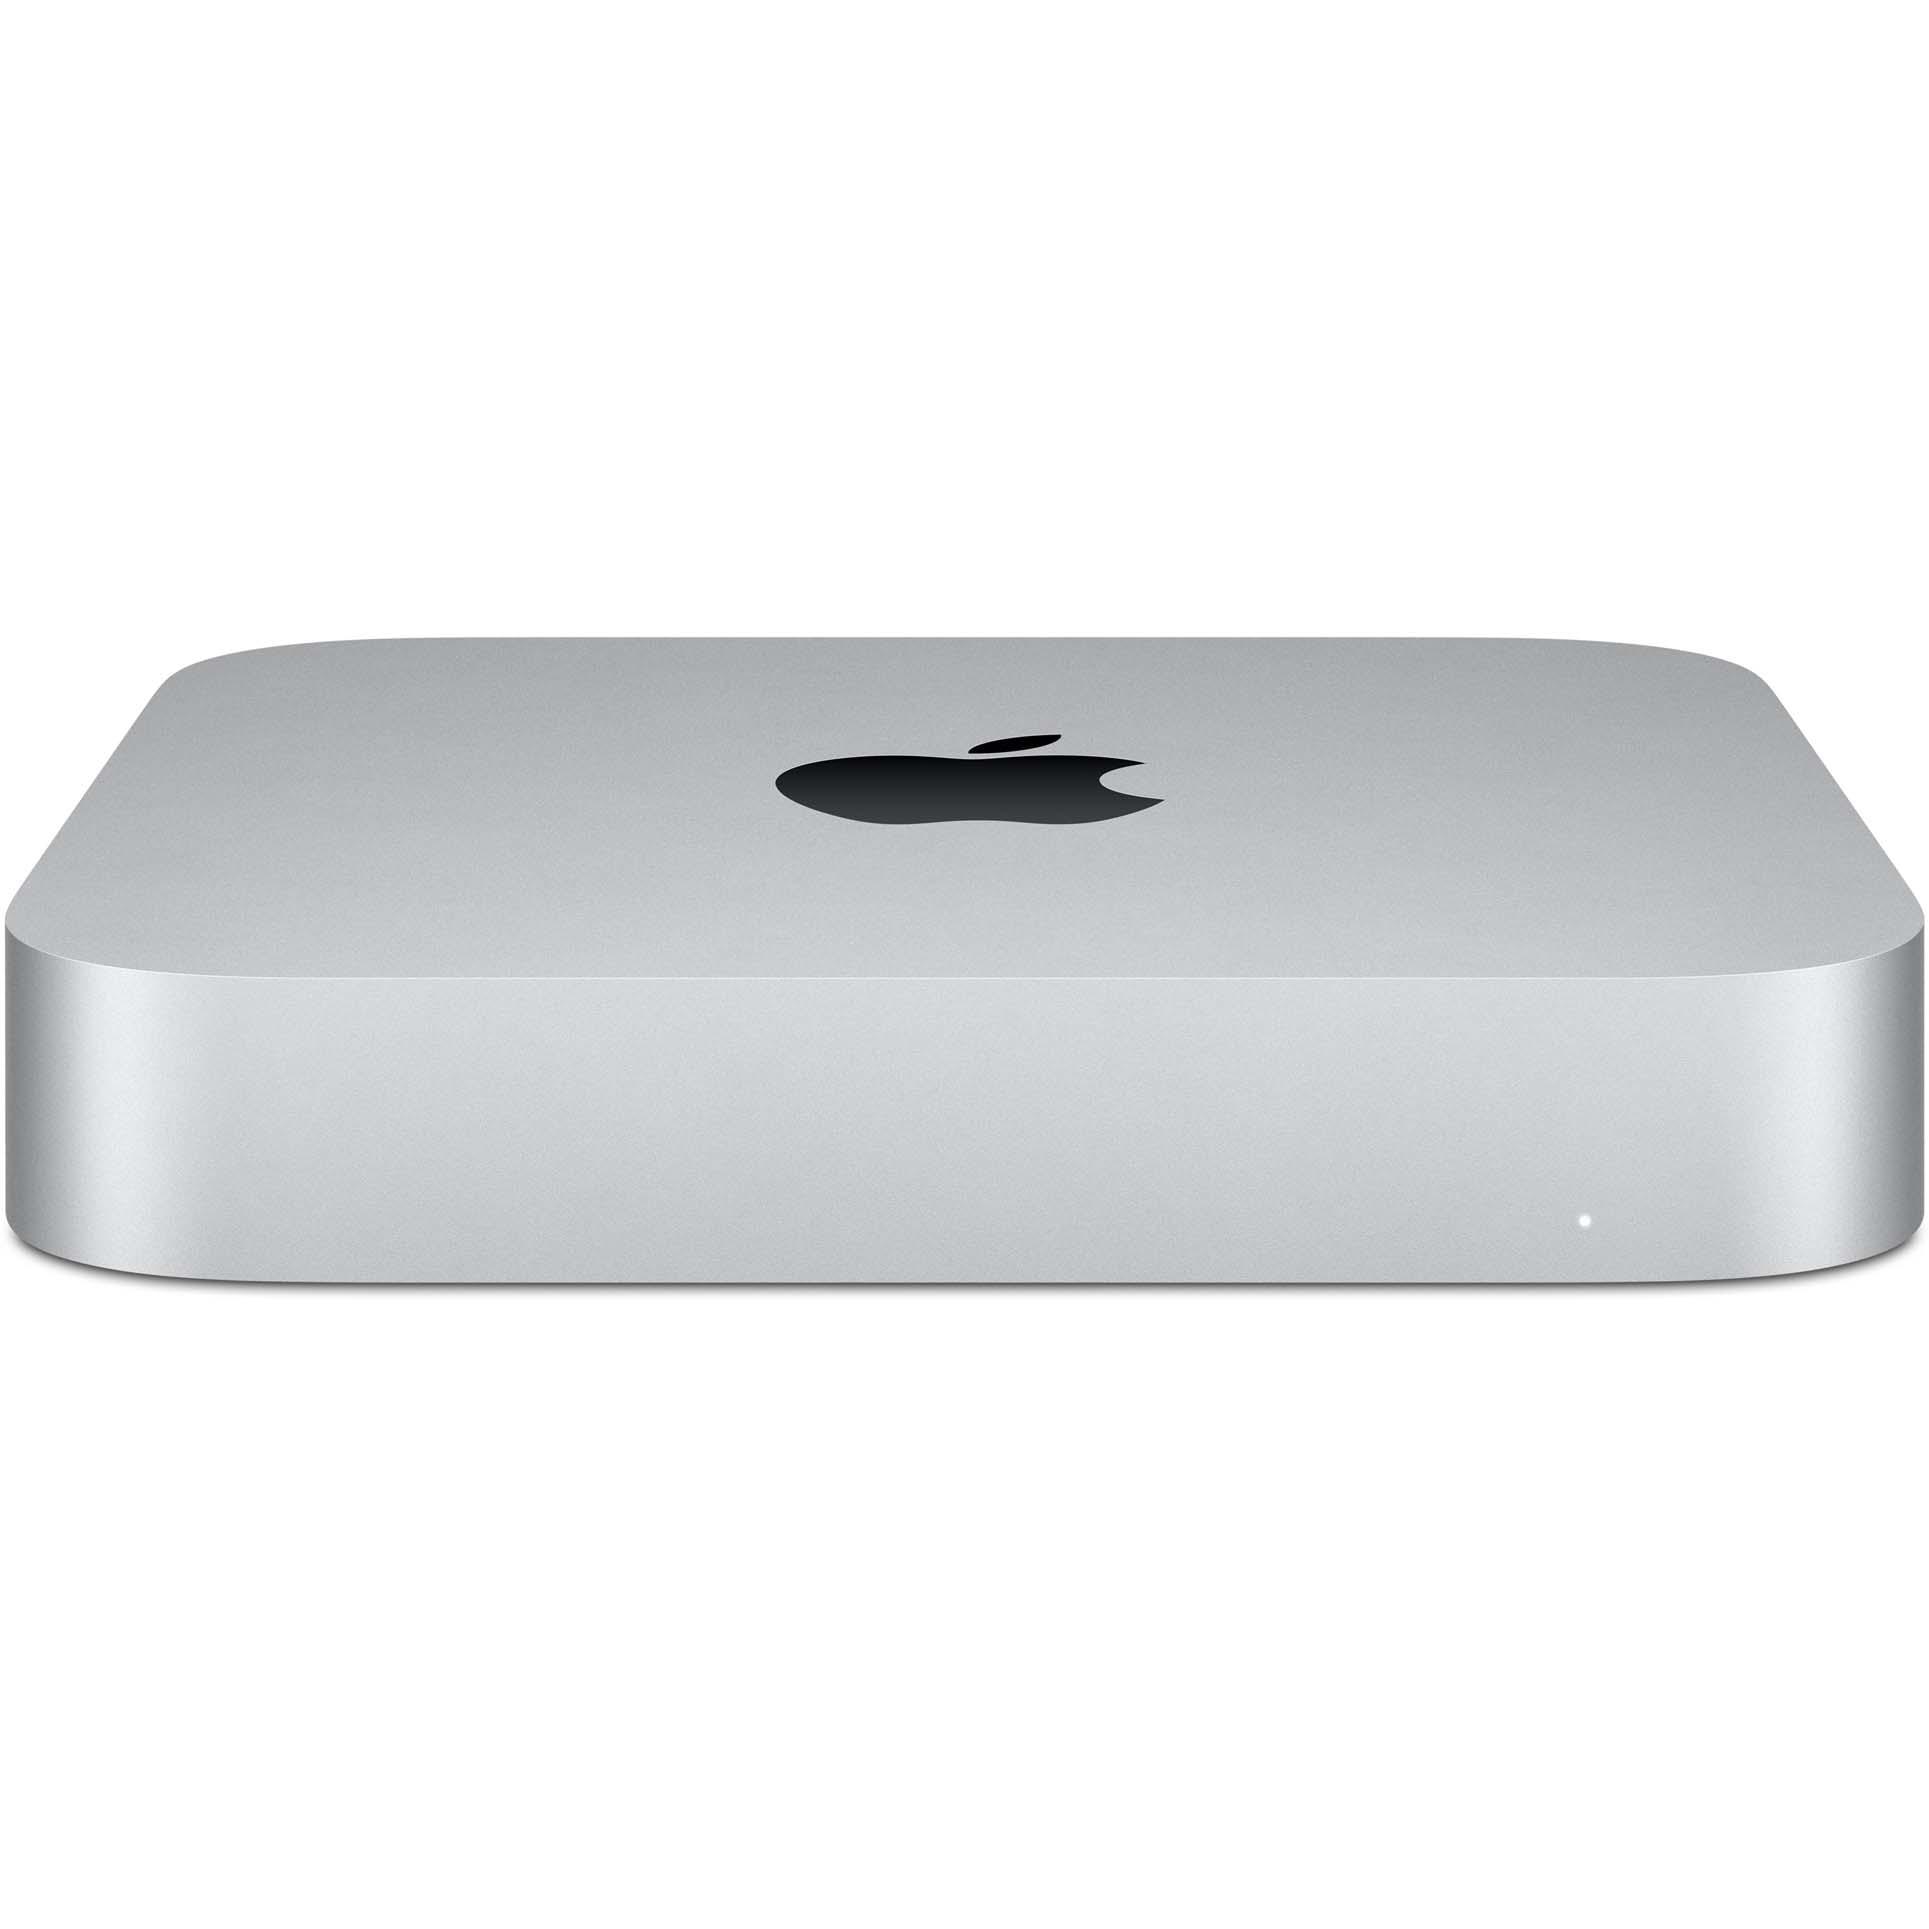 Fotografie Mac Mini PC Apple (2020) cu procesor Apple M1, 16GB, 256GB SSD, INT